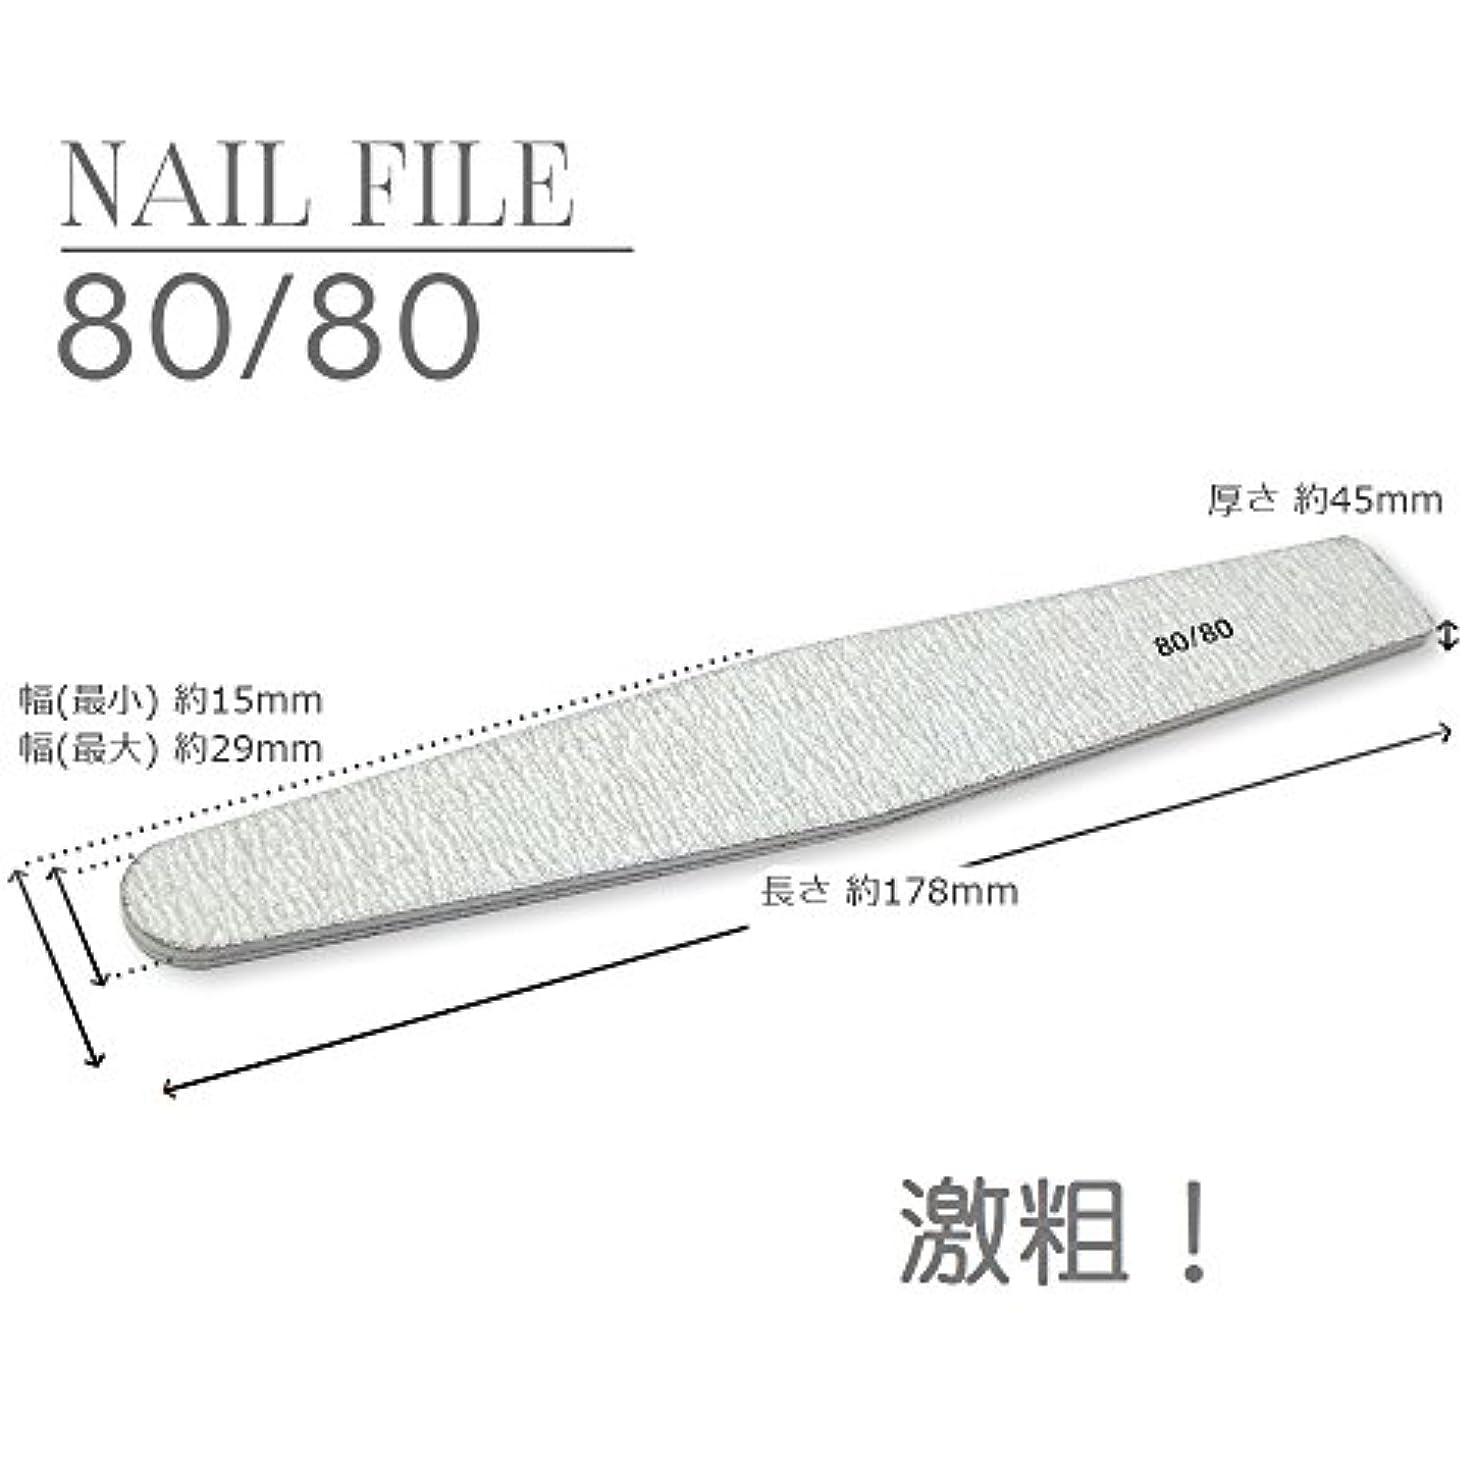 内側リマーク備品ネイルファイル【80/80】激粗 1本 ★ガリガリ削れます!